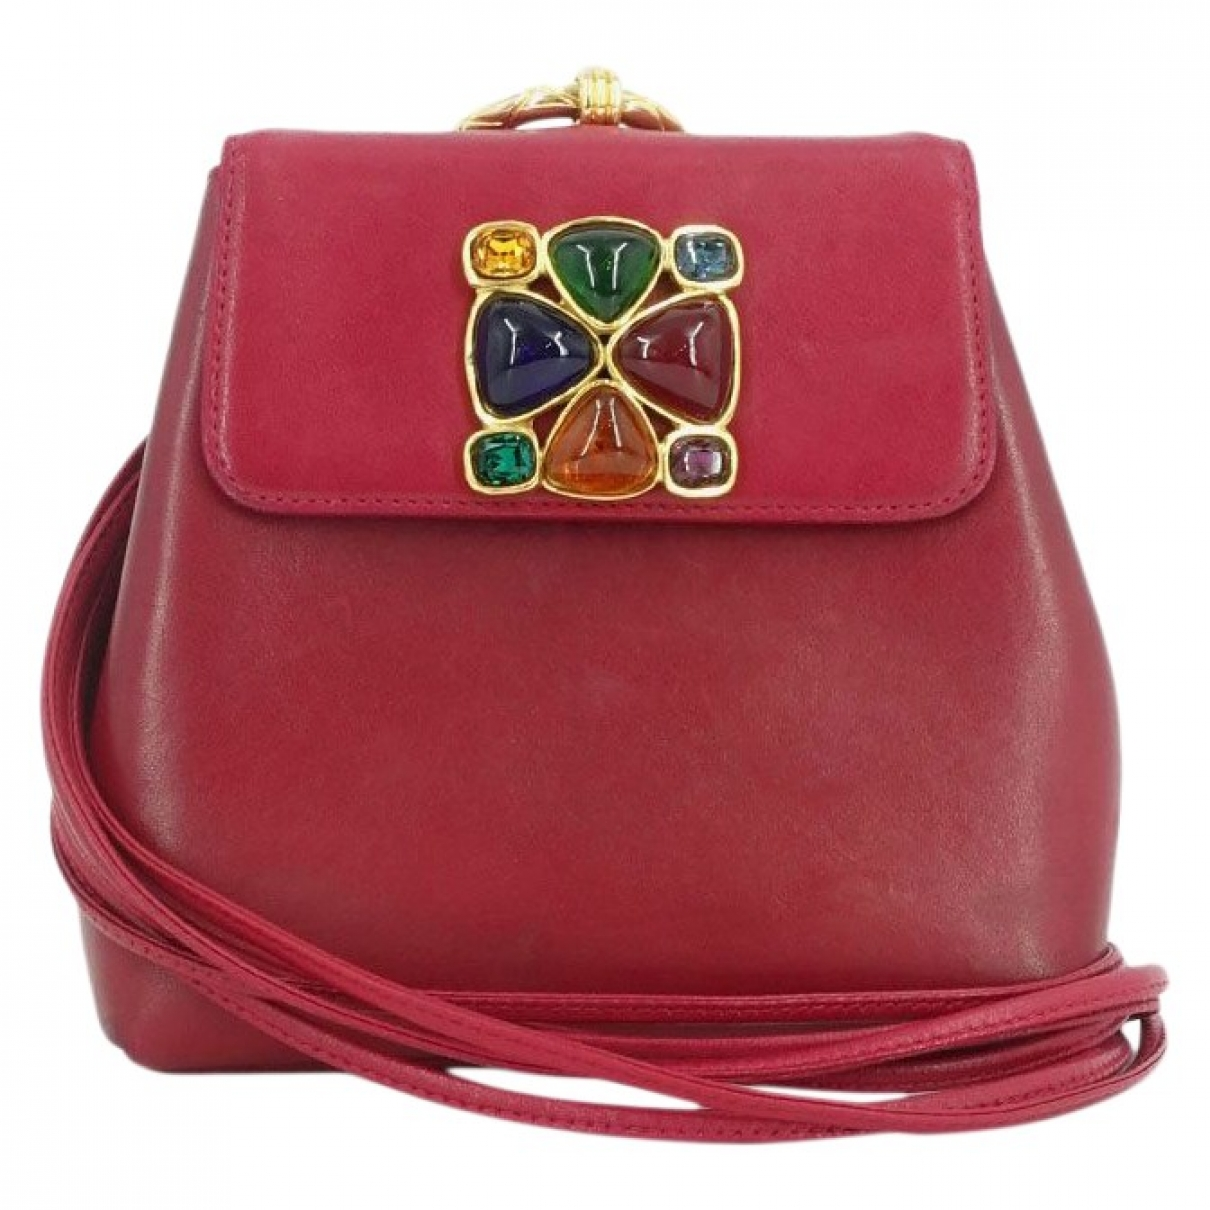 Chanel \N Handtasche in  Rot Leder